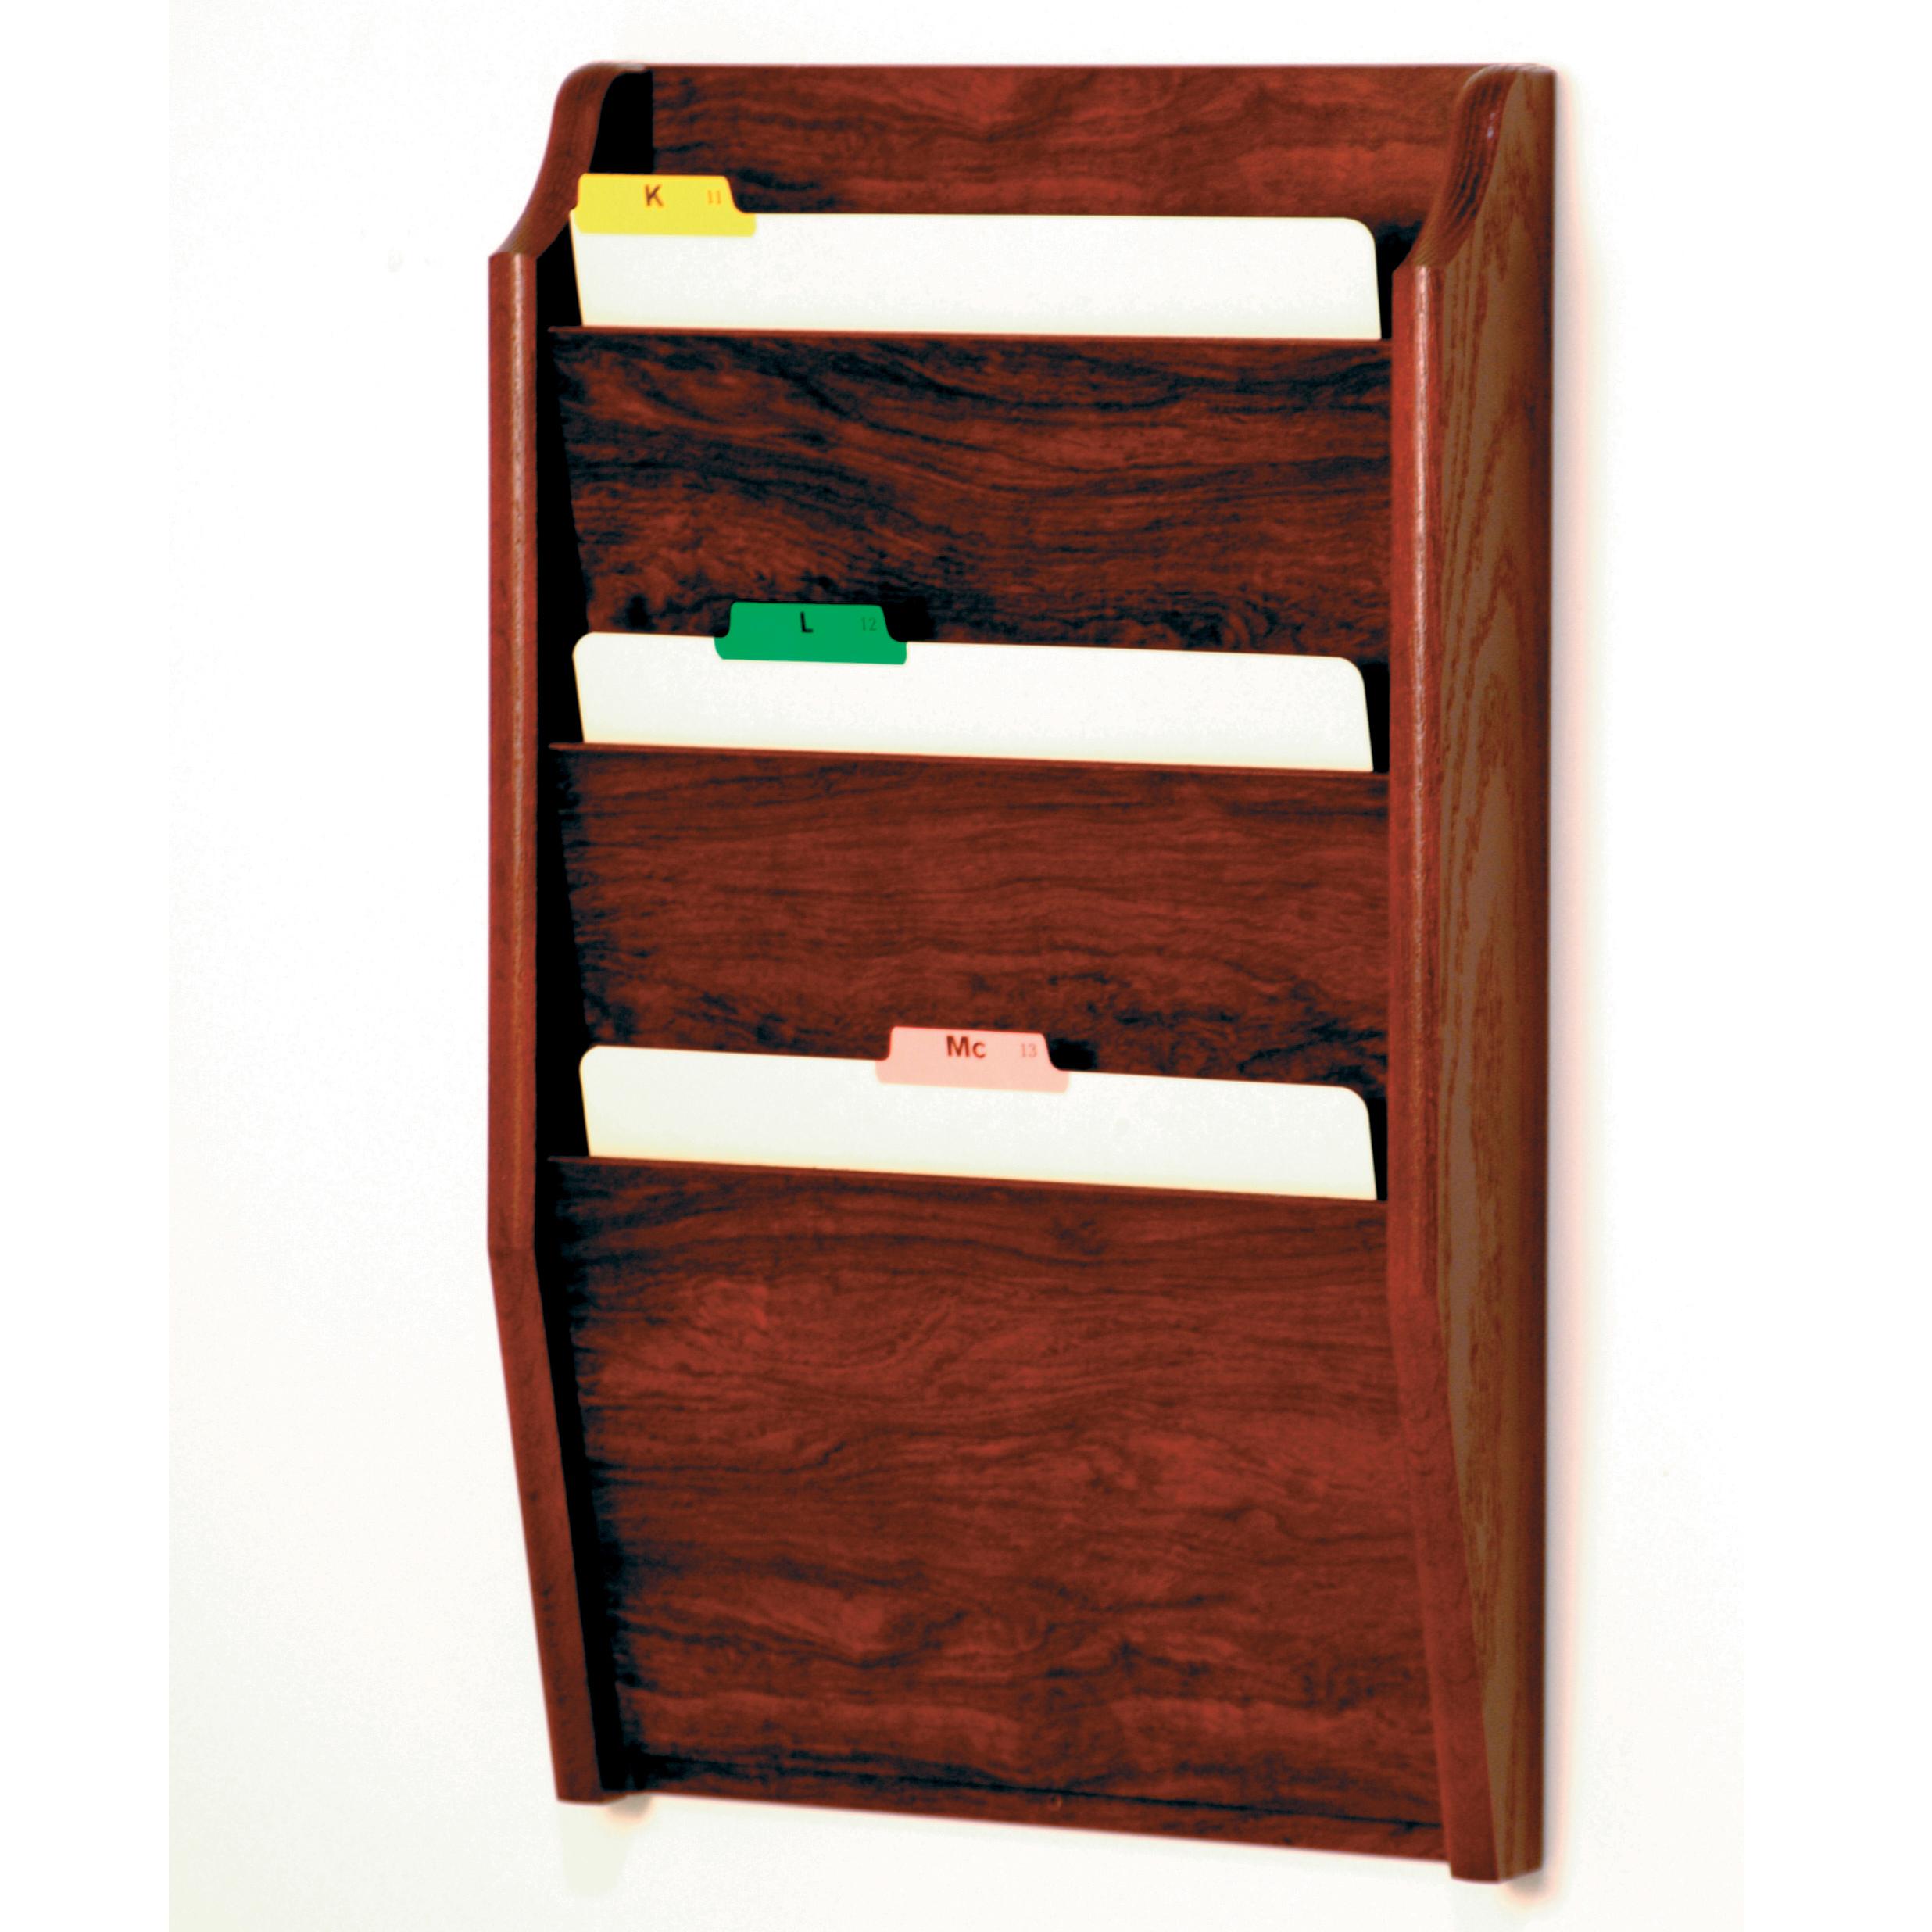 Uncategorized Wooden File Holders wooden mallet oak chart file racks